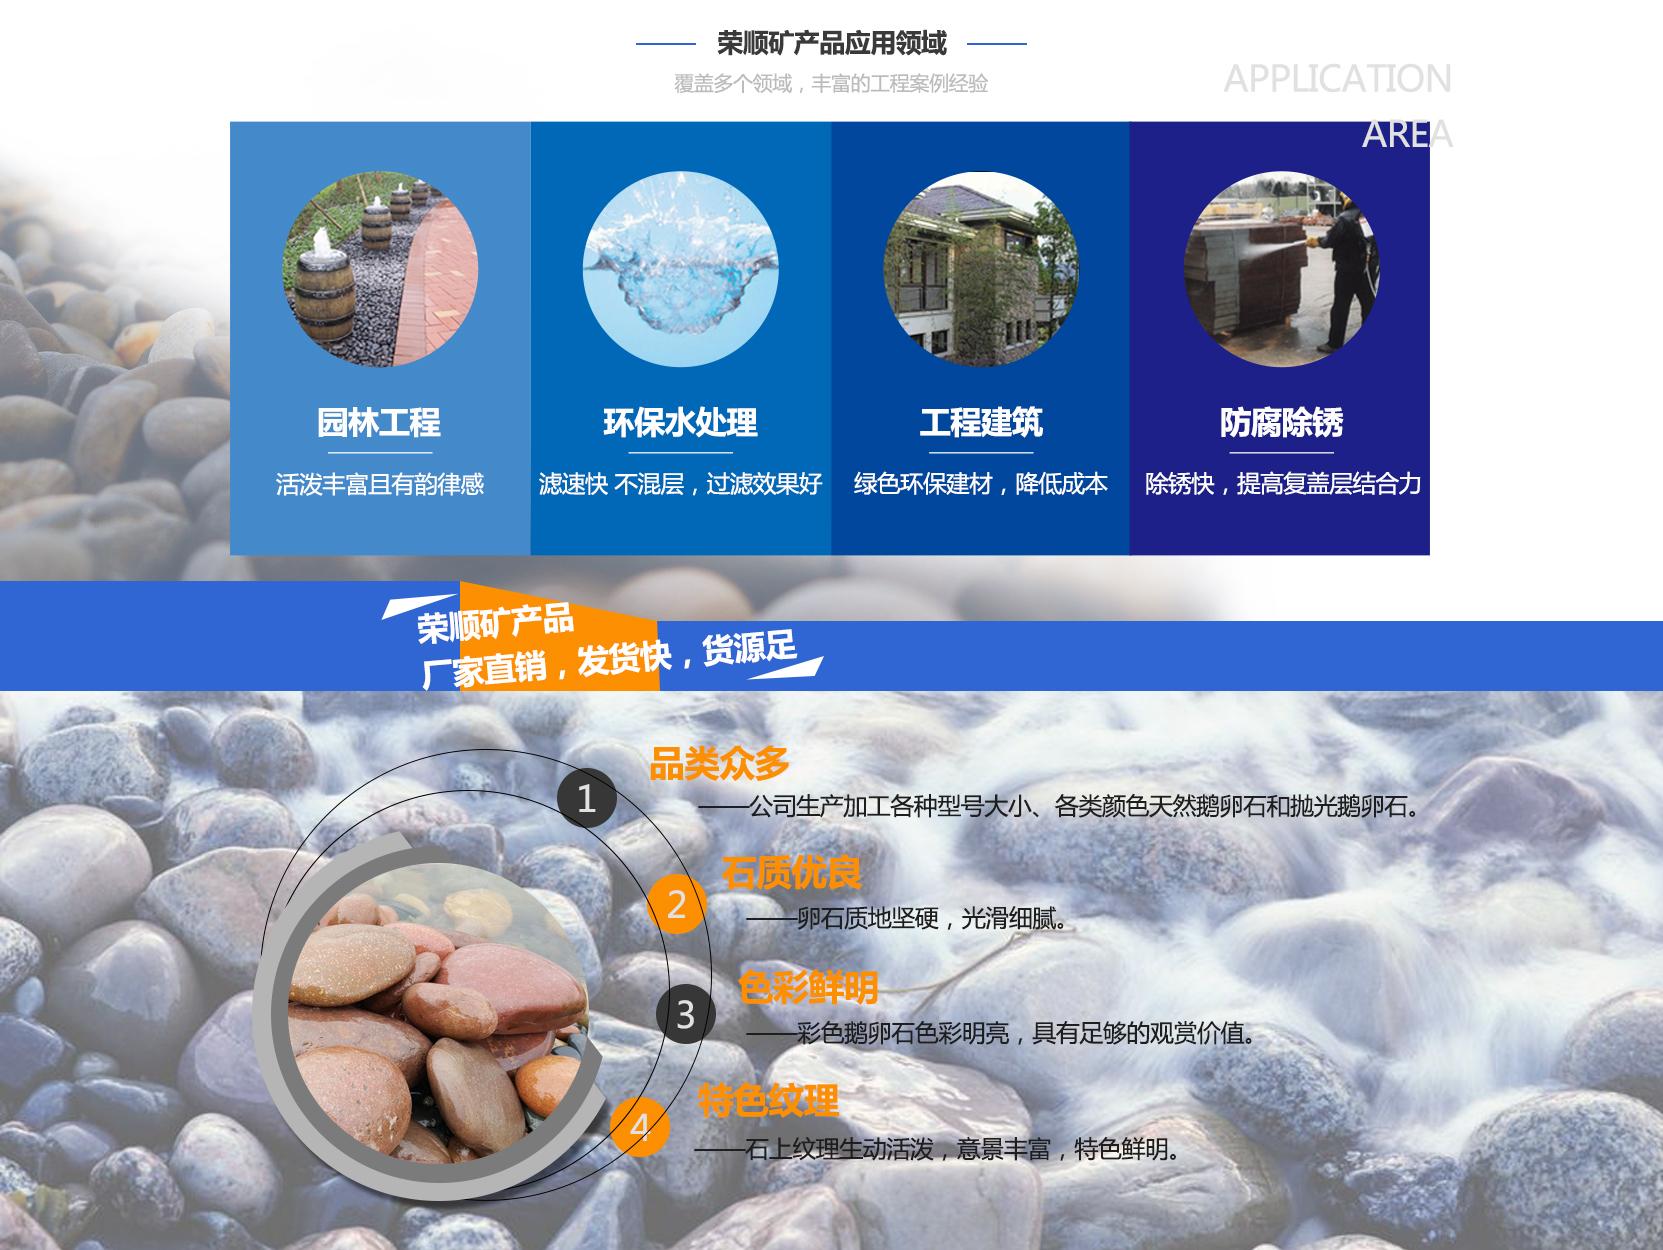 荣顺矿产品应用领域:园林工程 环保水处理 工程建筑 防腐防锈